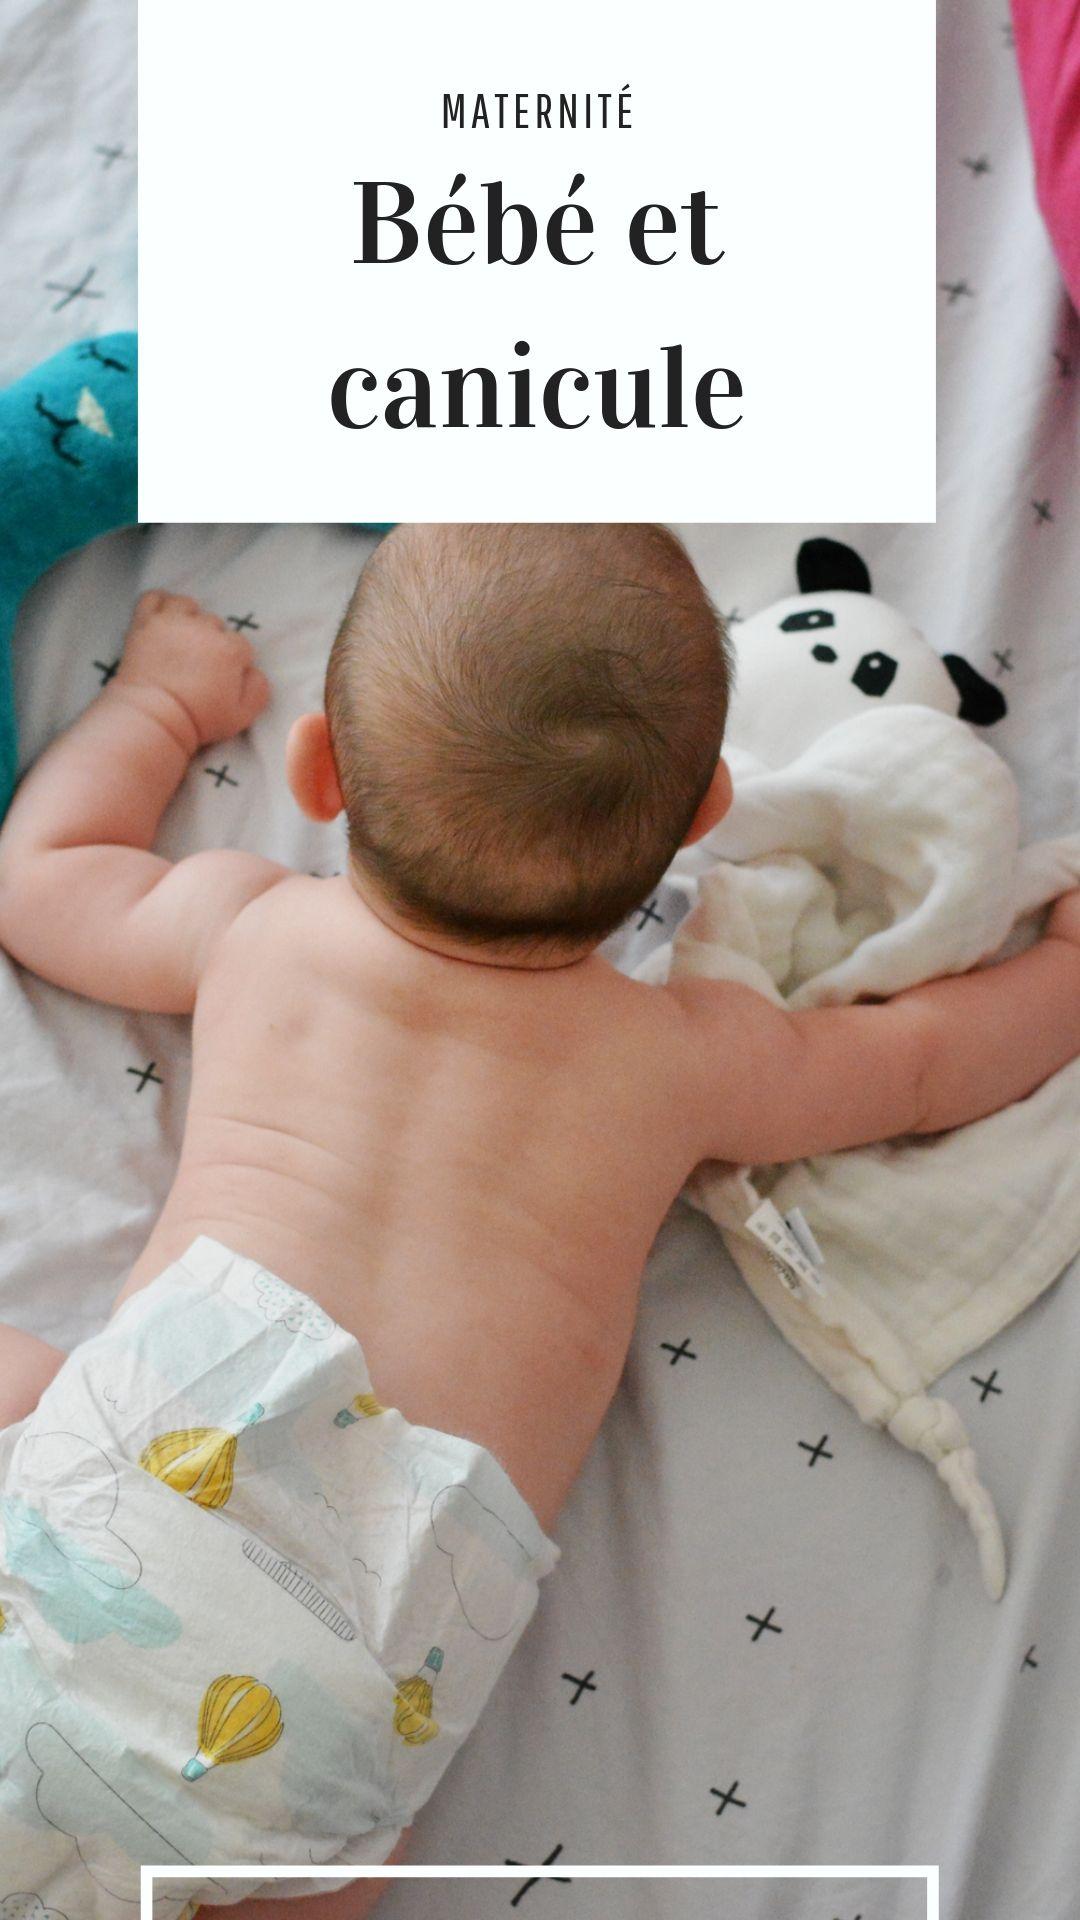 bebe et canicule